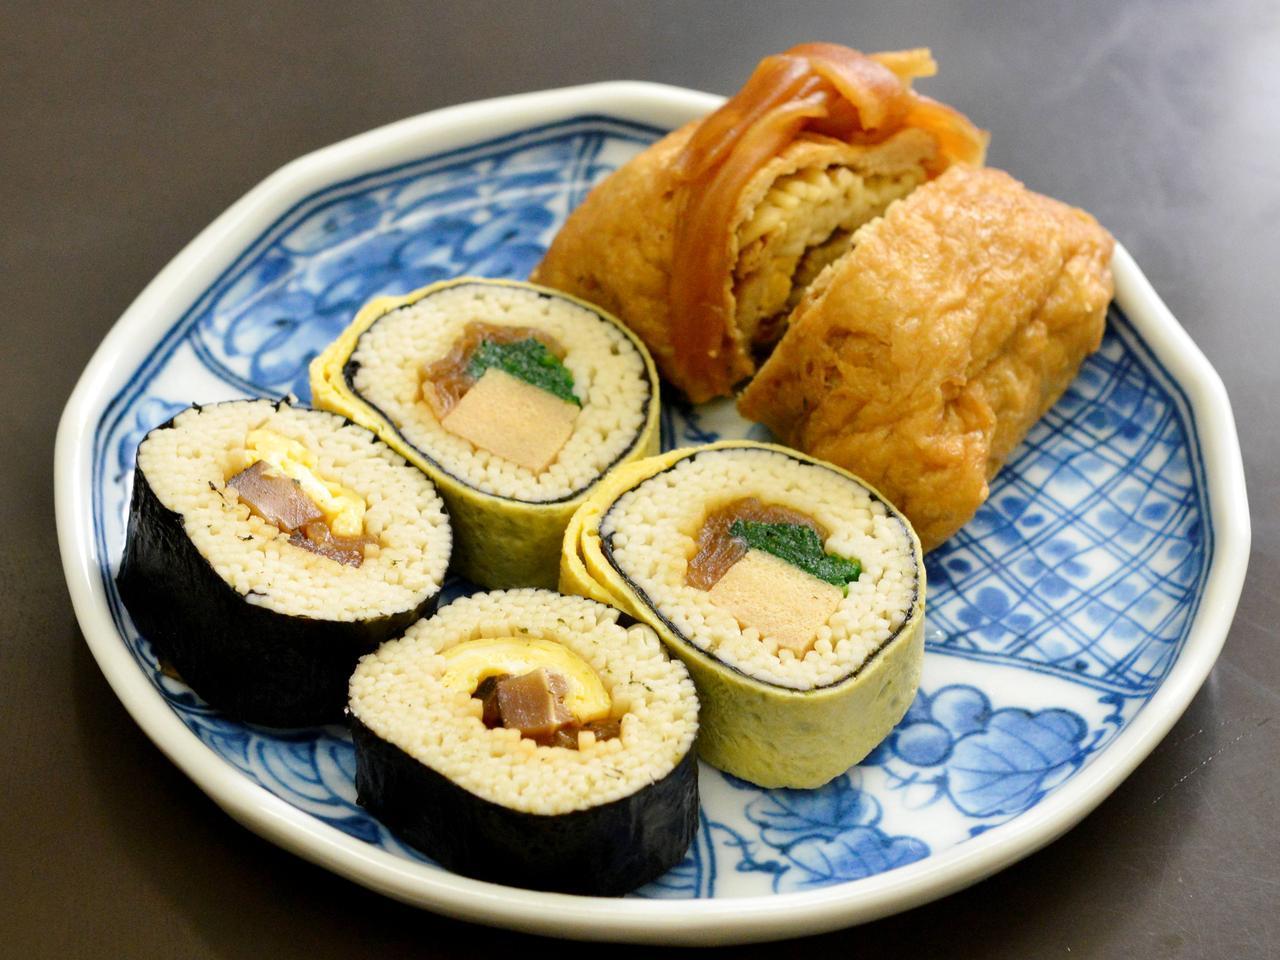 画像: ご飯のかわりにお蕎麦でつくった太巻きとおいなりさんも美味。そば1100円